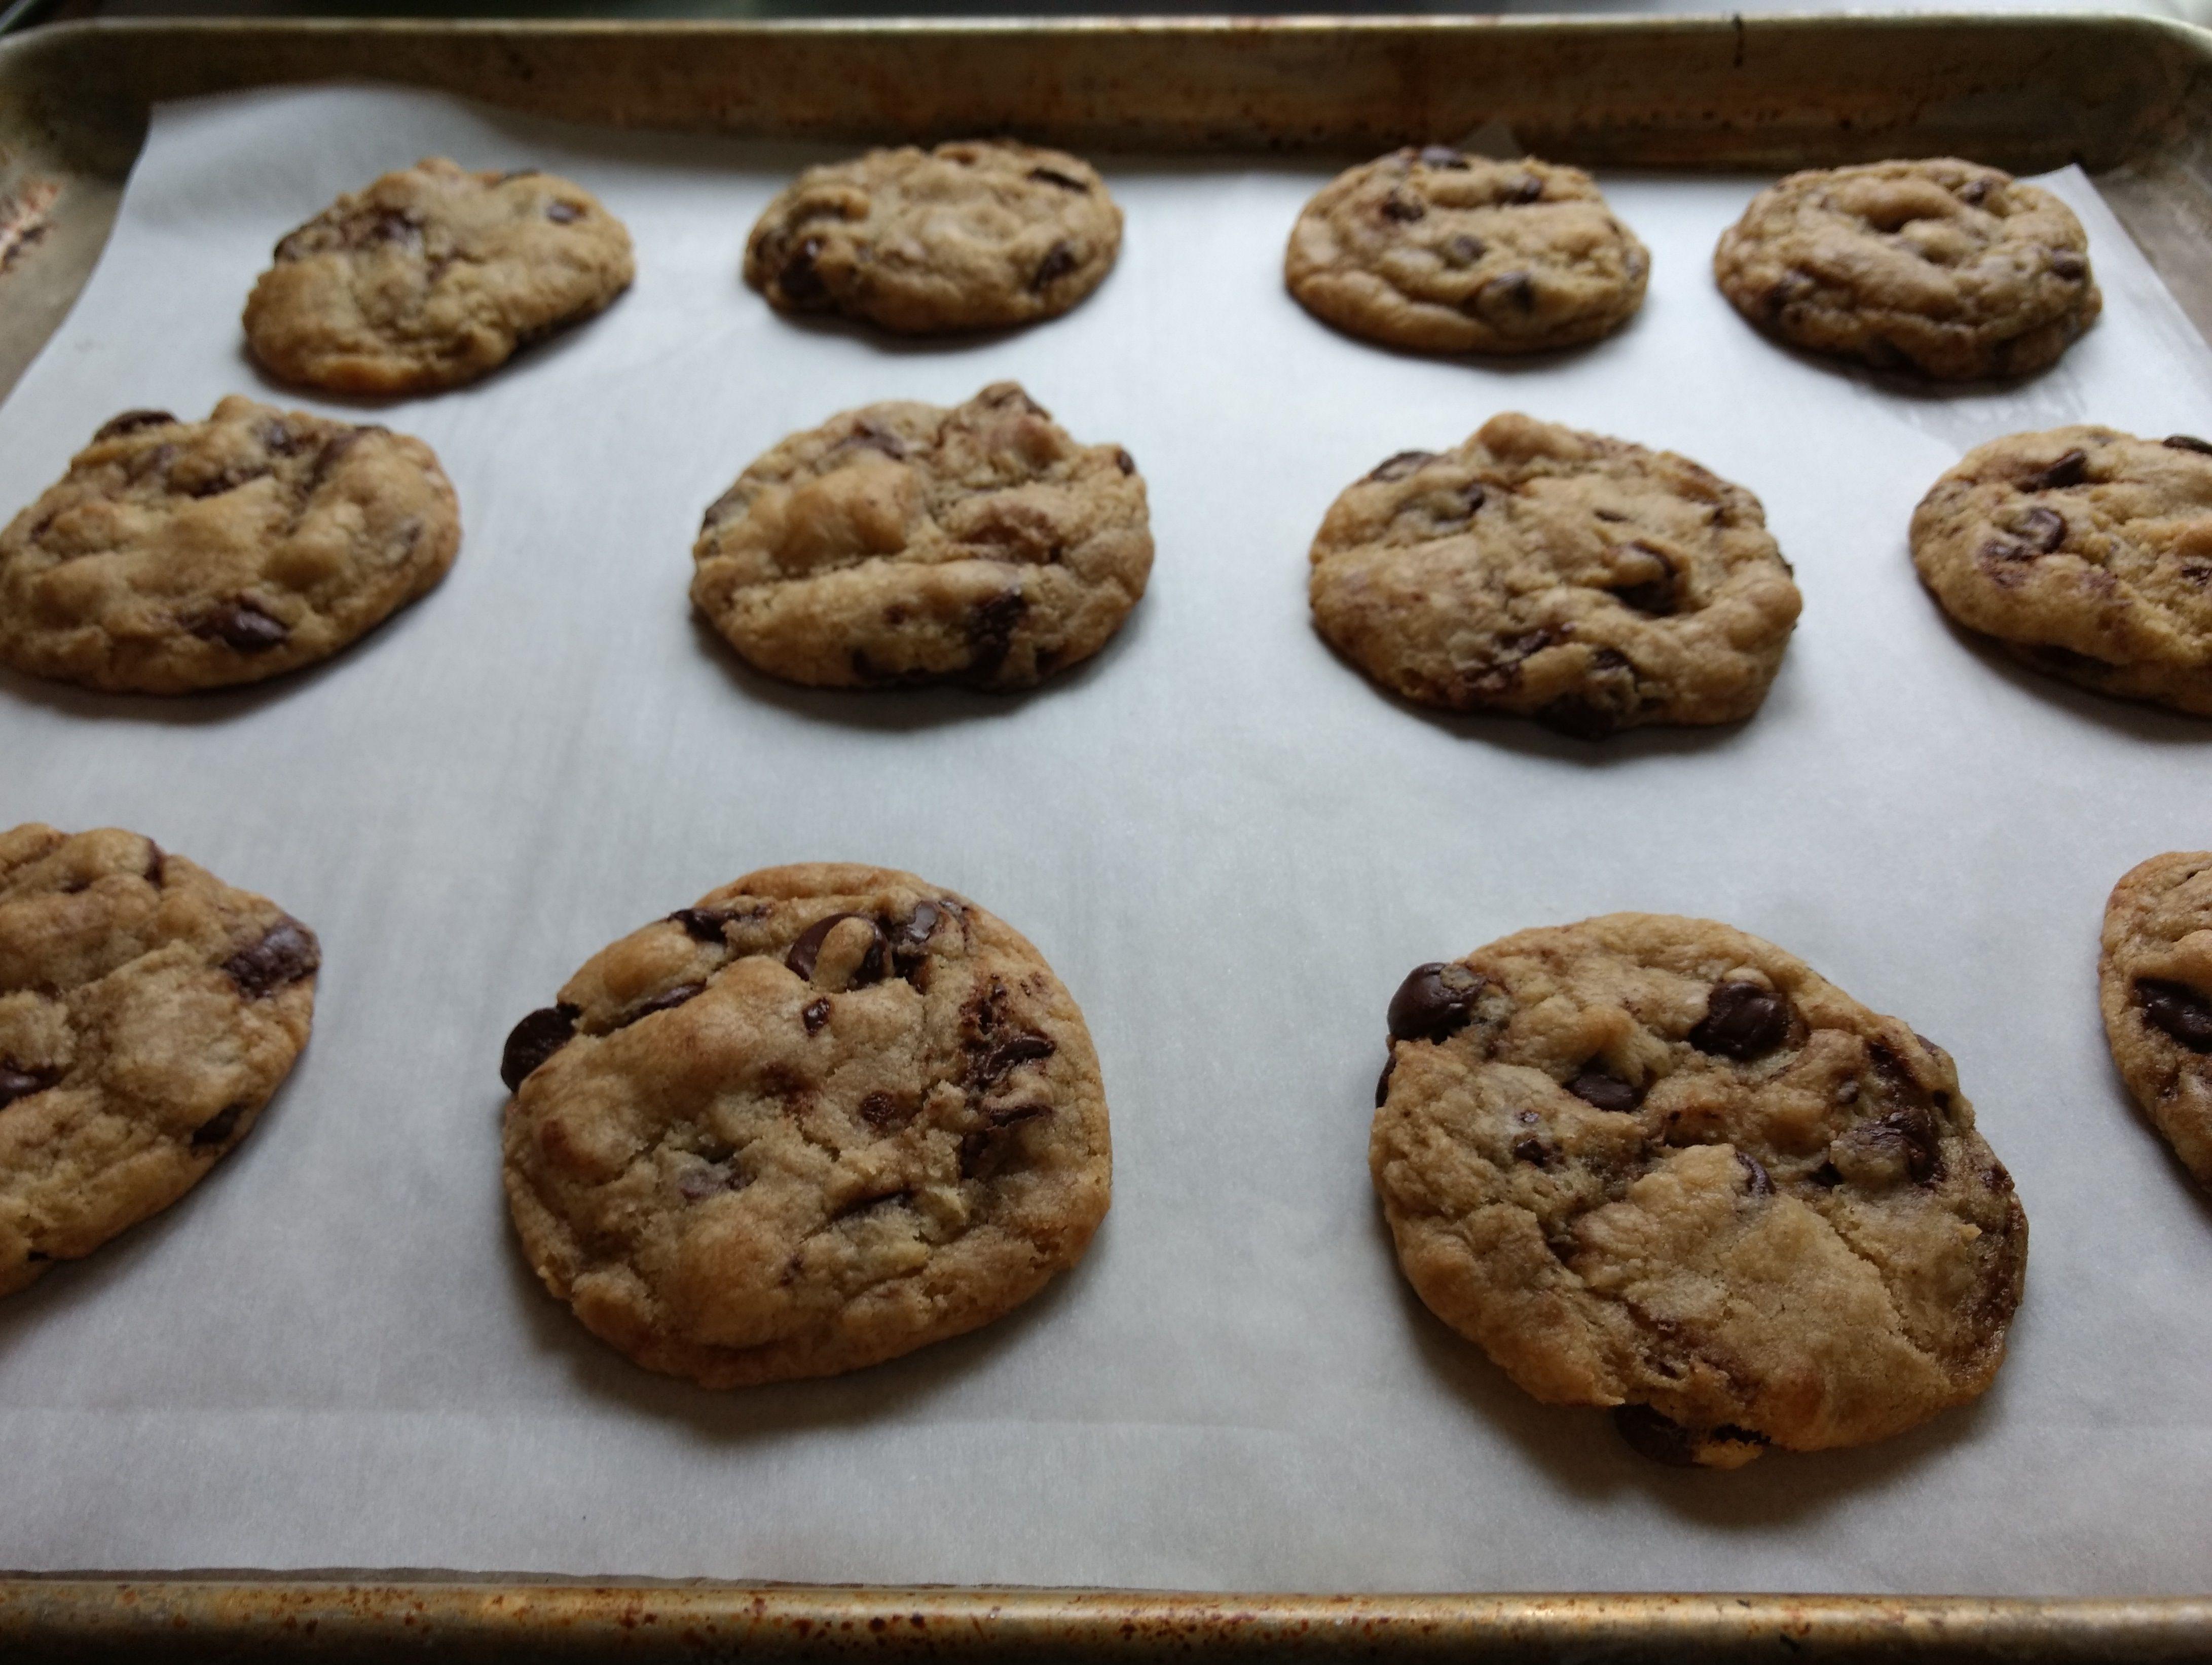 Vegan Salted Chocolate Chip Cookies Recipe Salted Chocolate Chip Cookies Recipes Vegan Chocolate Chip Cookies Coconut Oil Salted Chocolate Chip Cookies